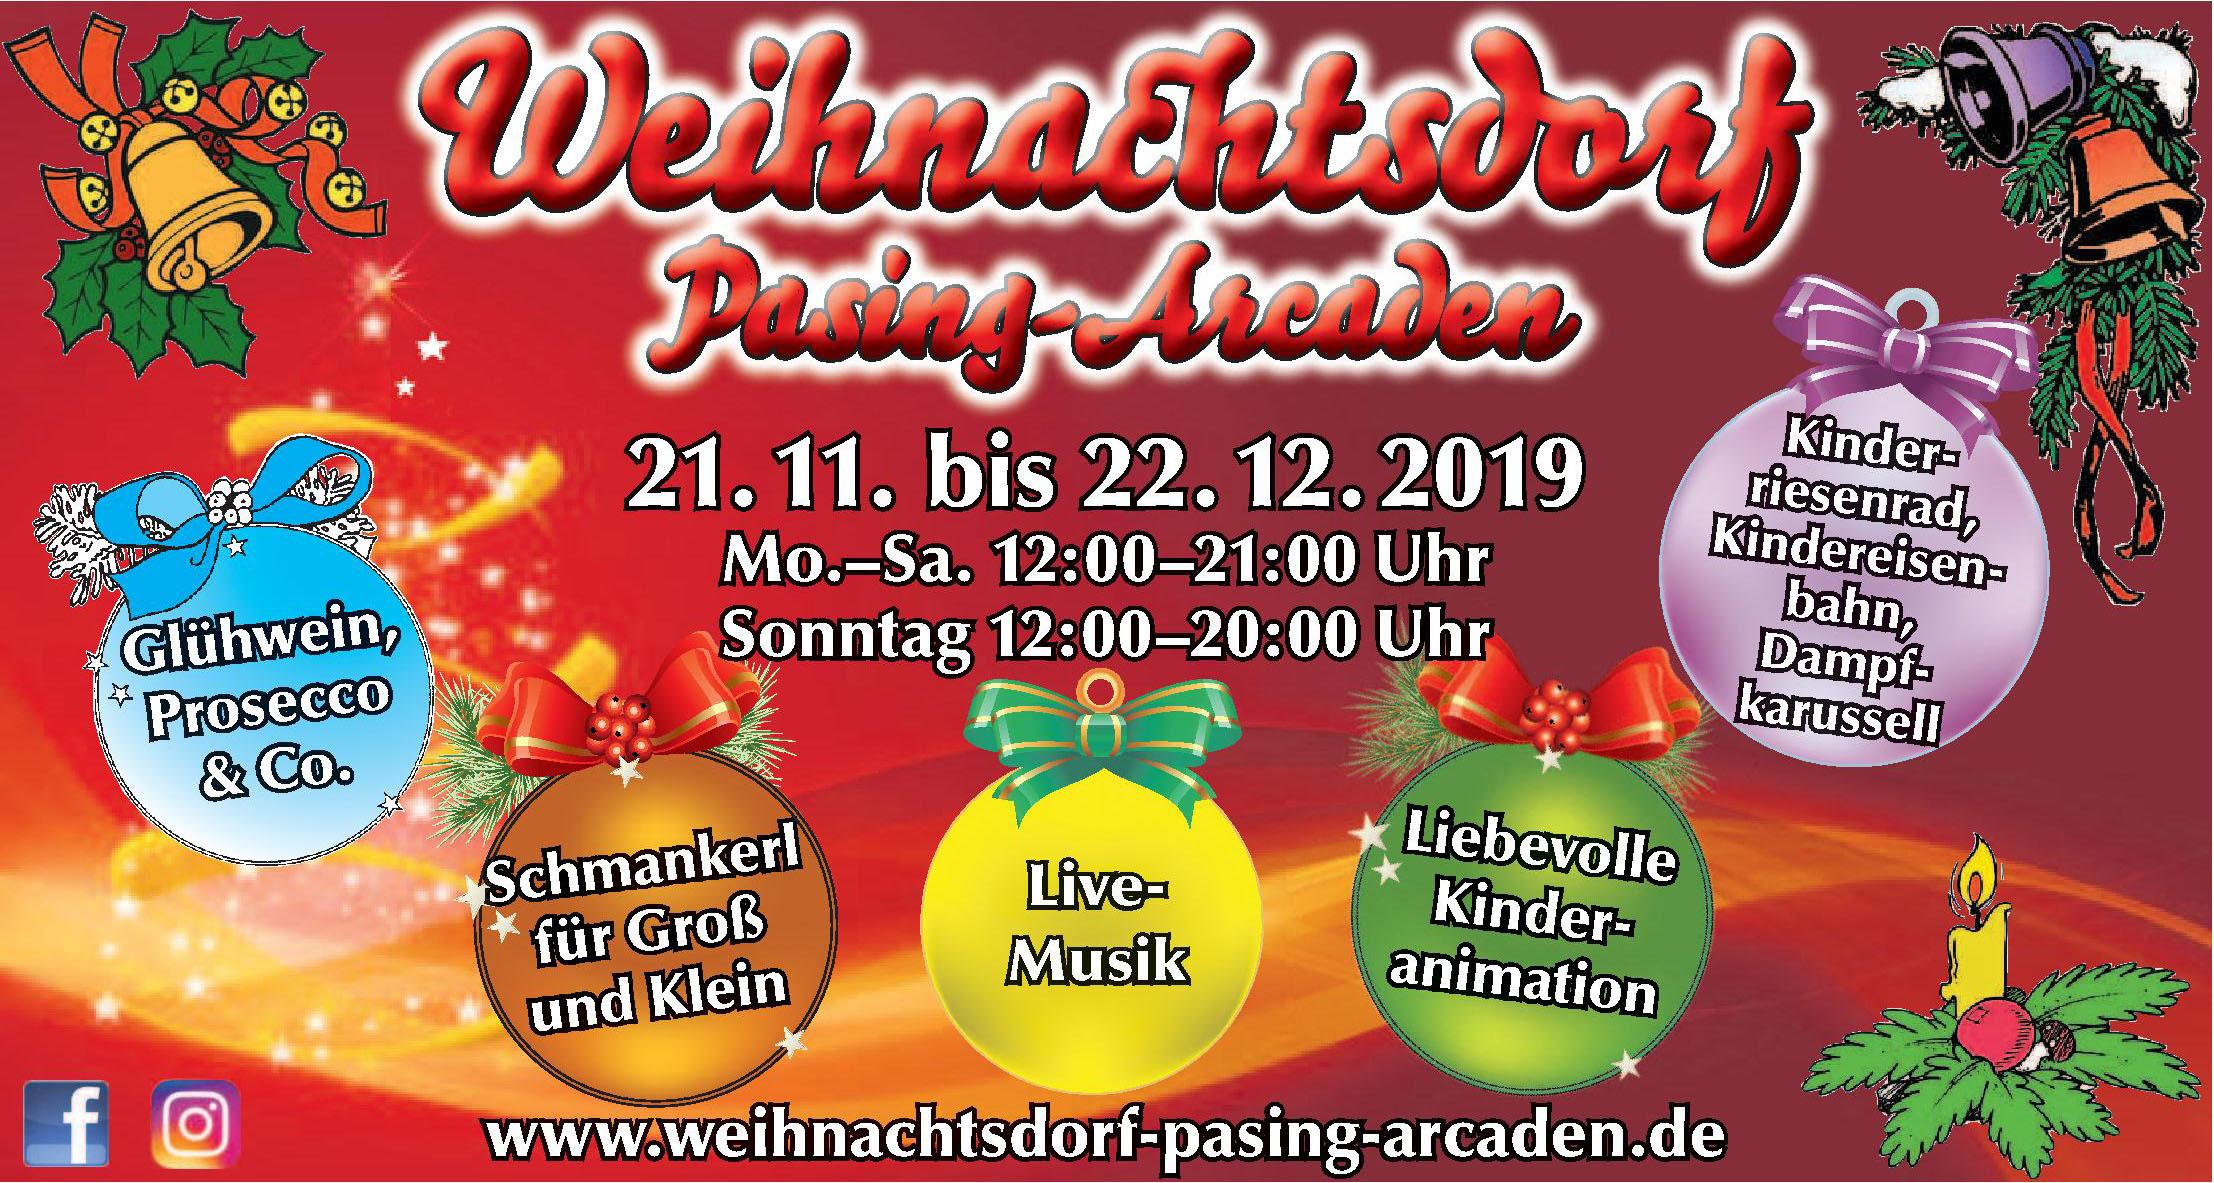 Weihnachtsdorf Pasing-Arcaden